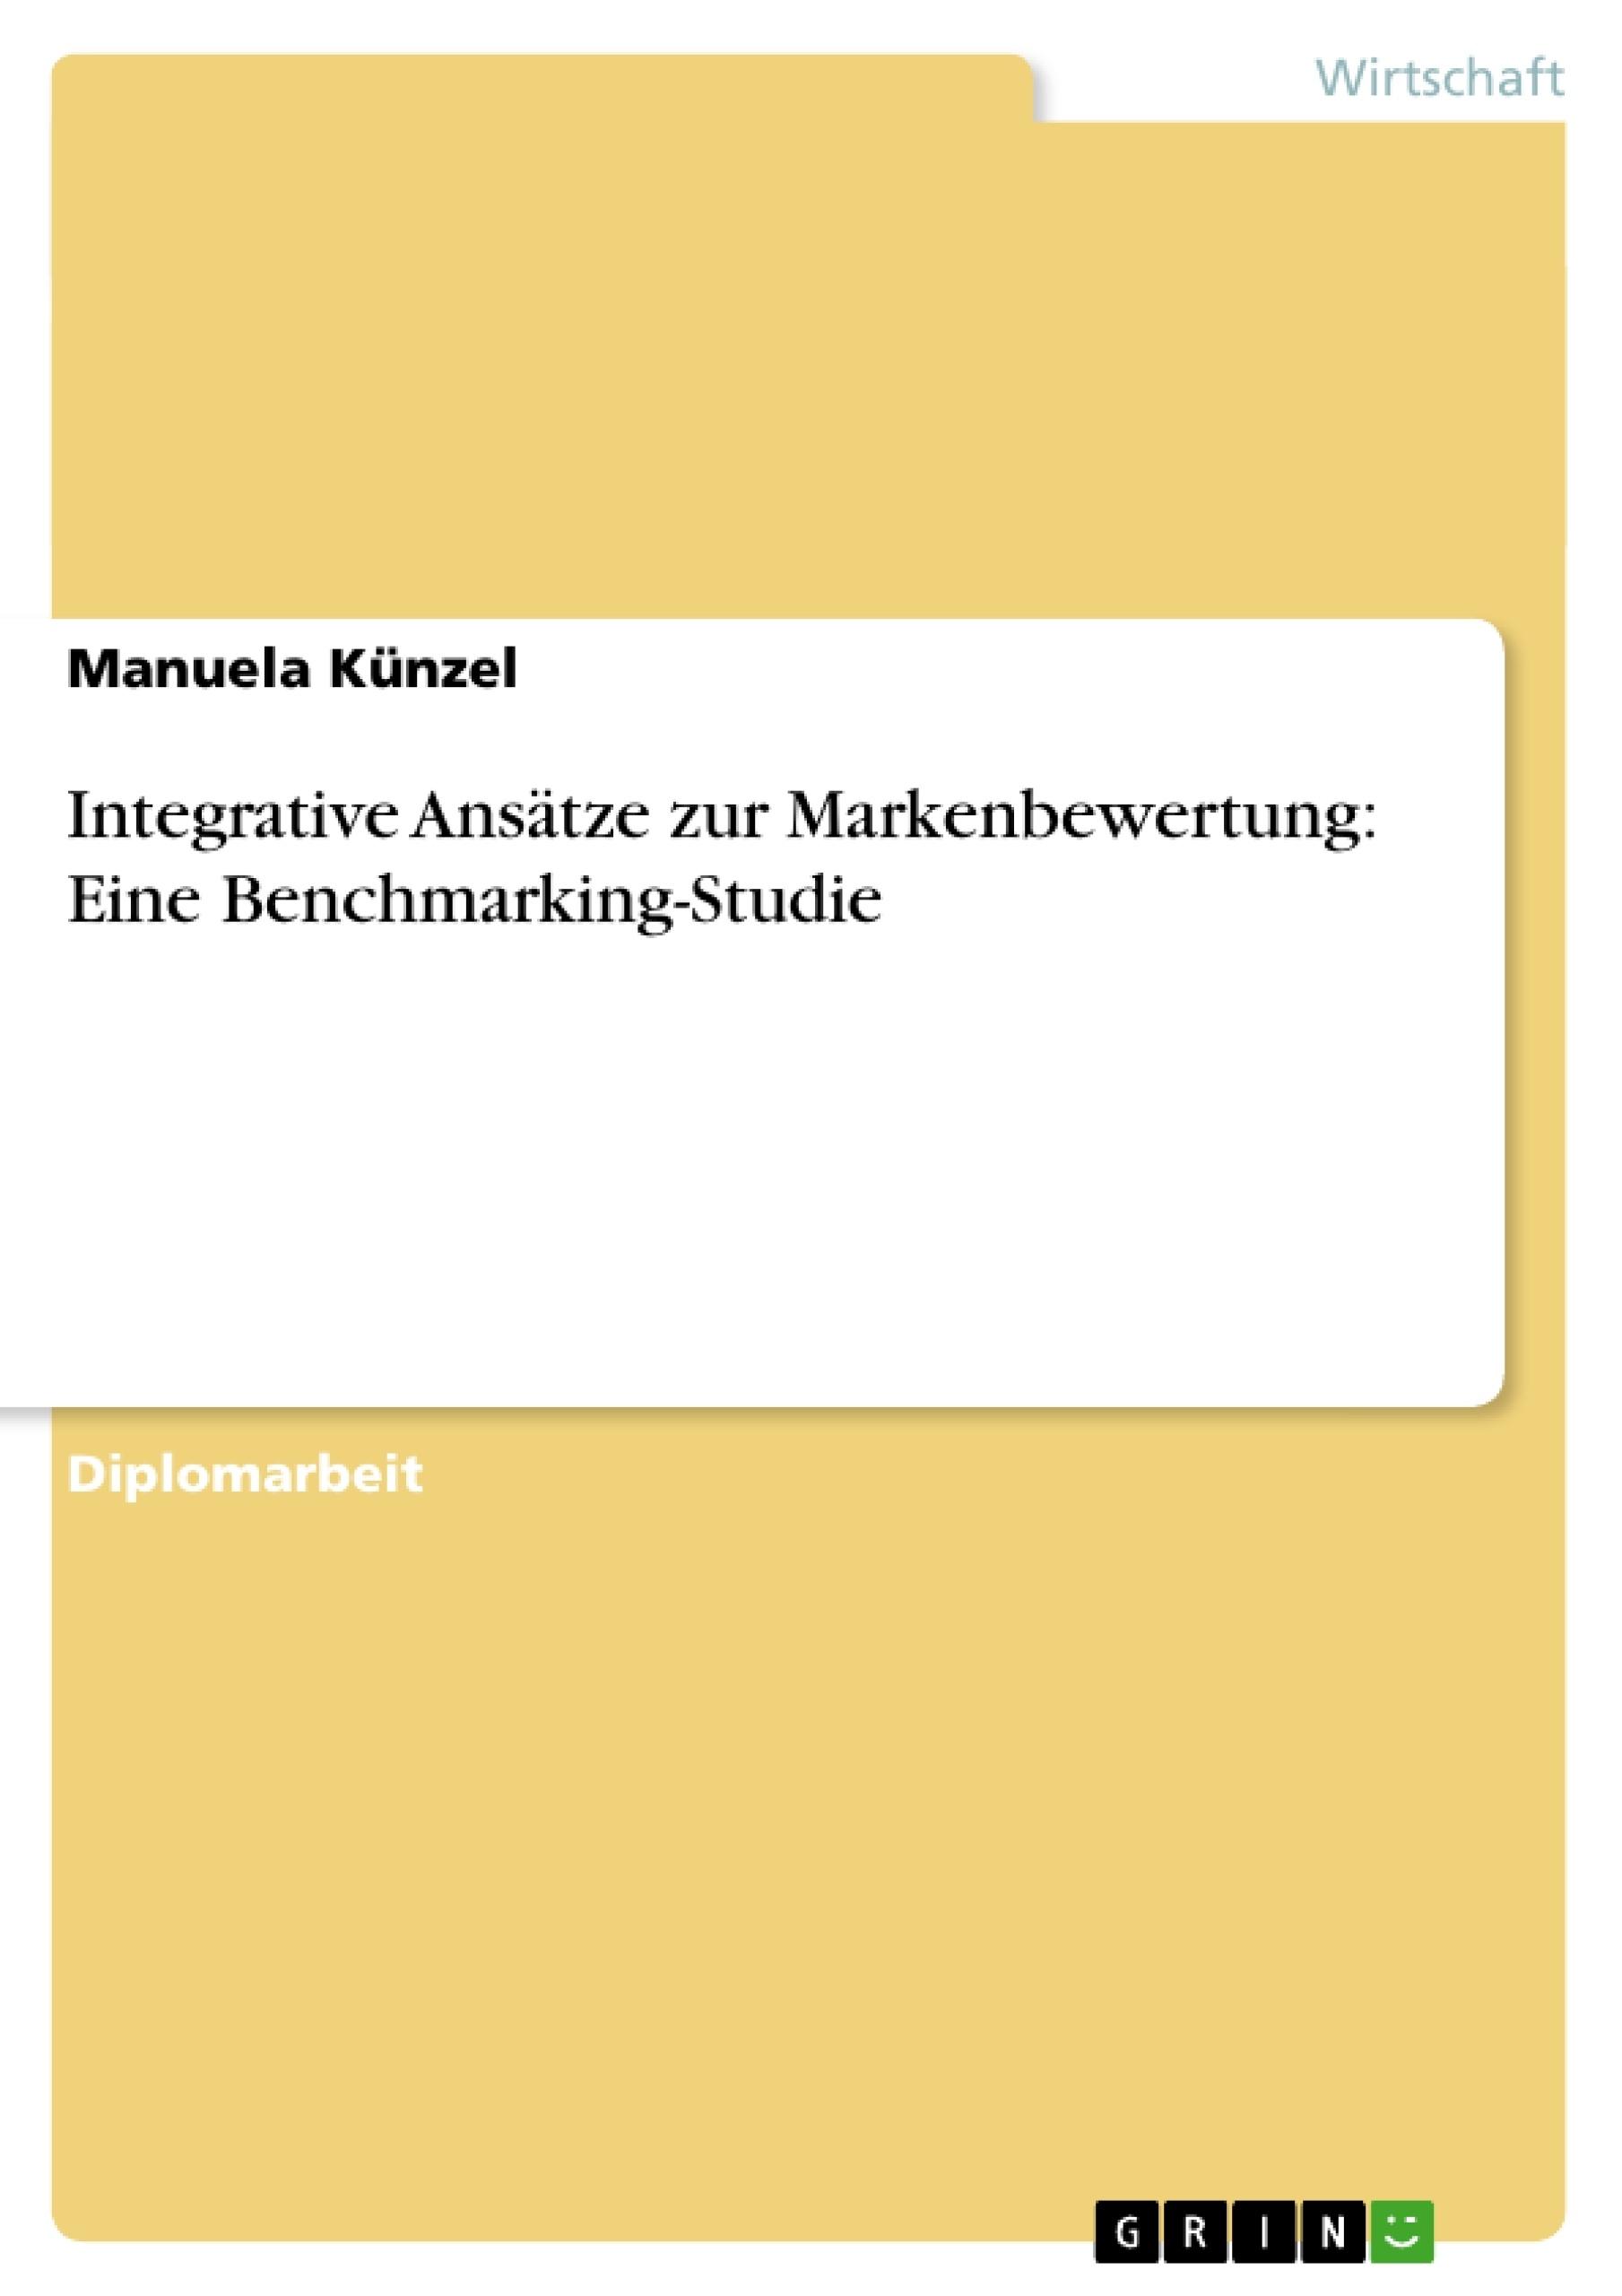 Titel: Integrative Ansätze zur Markenbewertung: Eine Benchmarking-Studie